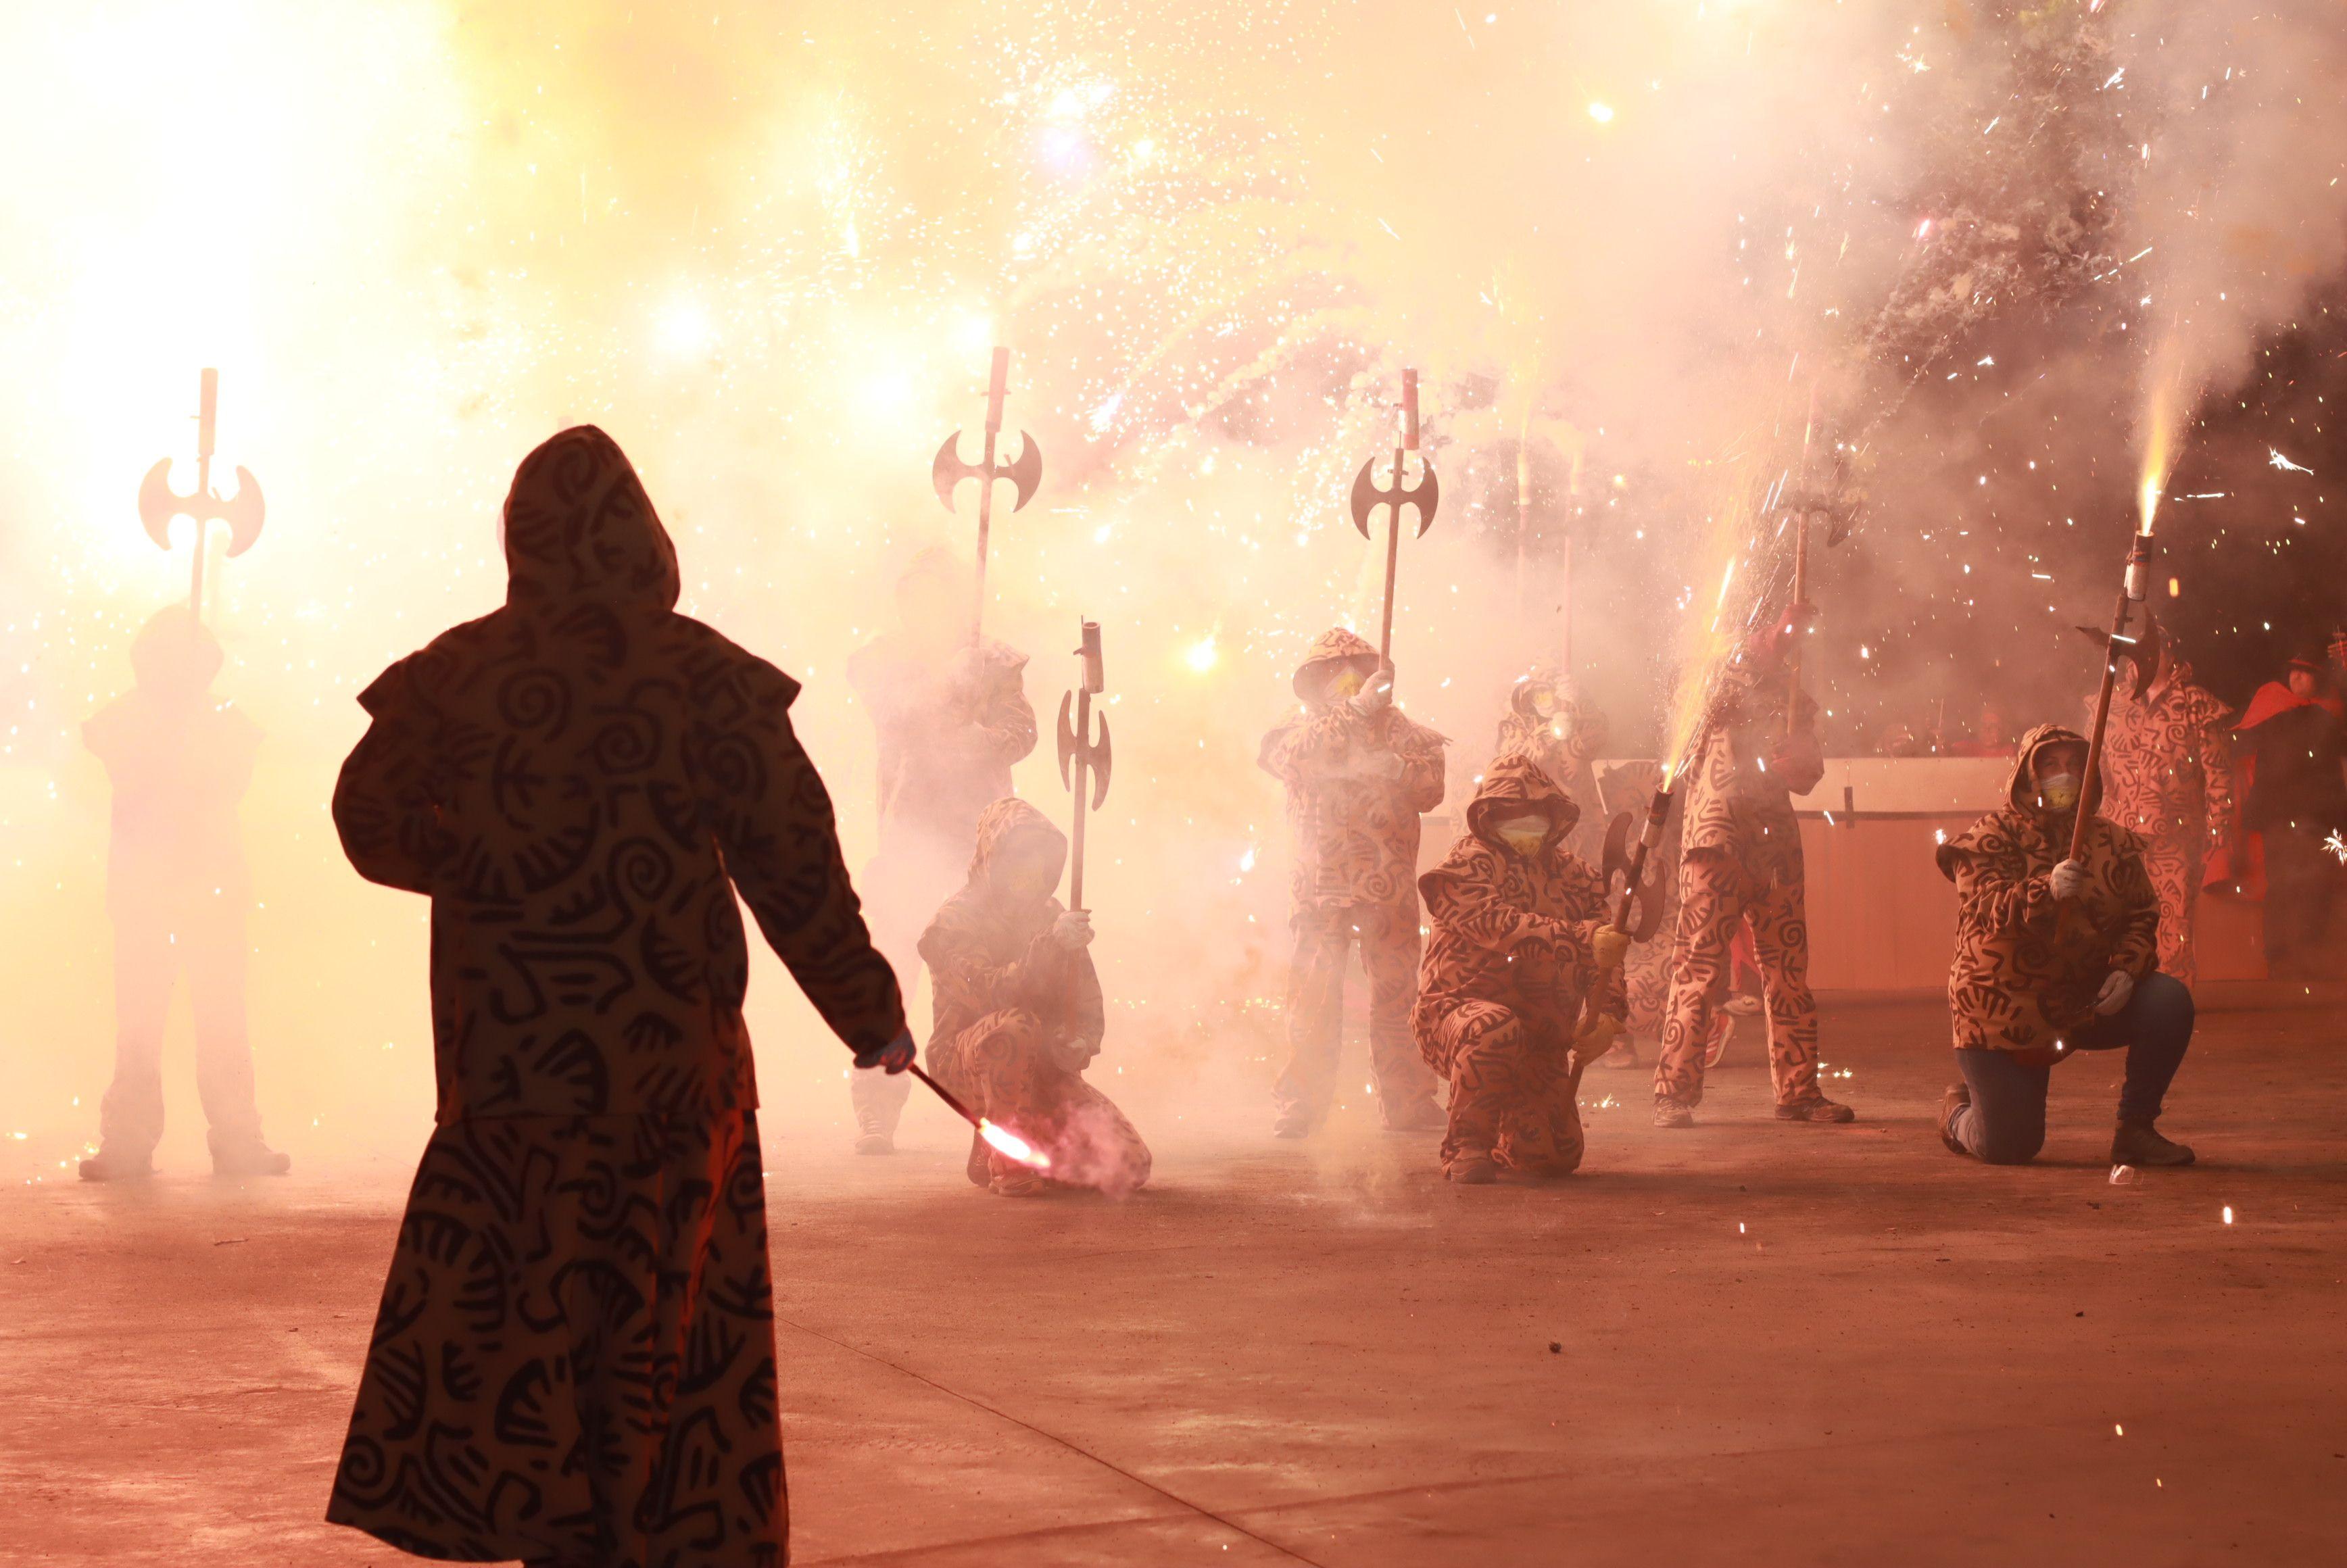 Raval de foc amb la la Colla de Diables de la Riera, la Colla de Diables Rubeo Diablorum i la Colla de Diables de Rubí. FOTO: Josep Llamas